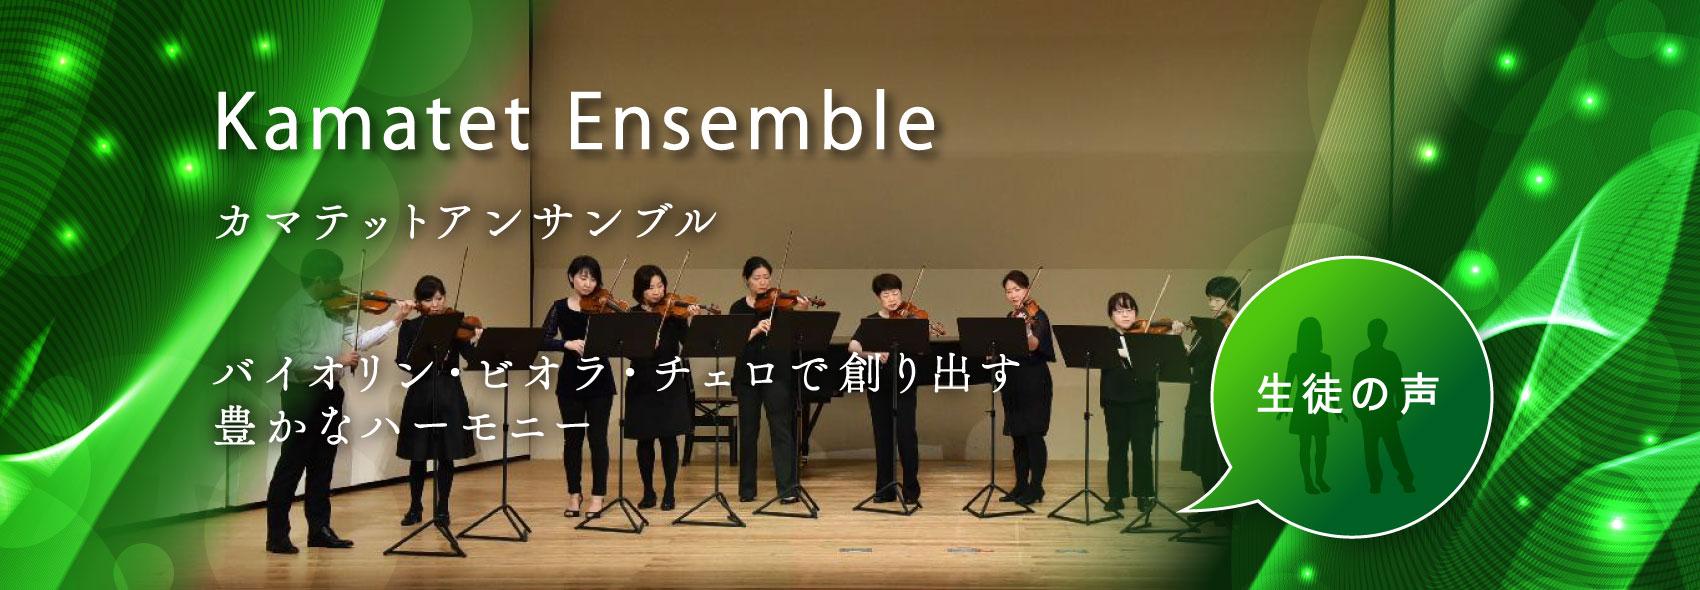 カマテットアンサンブル バイオリン・ビオラ・チェロで創り出す豊かなハーモニー